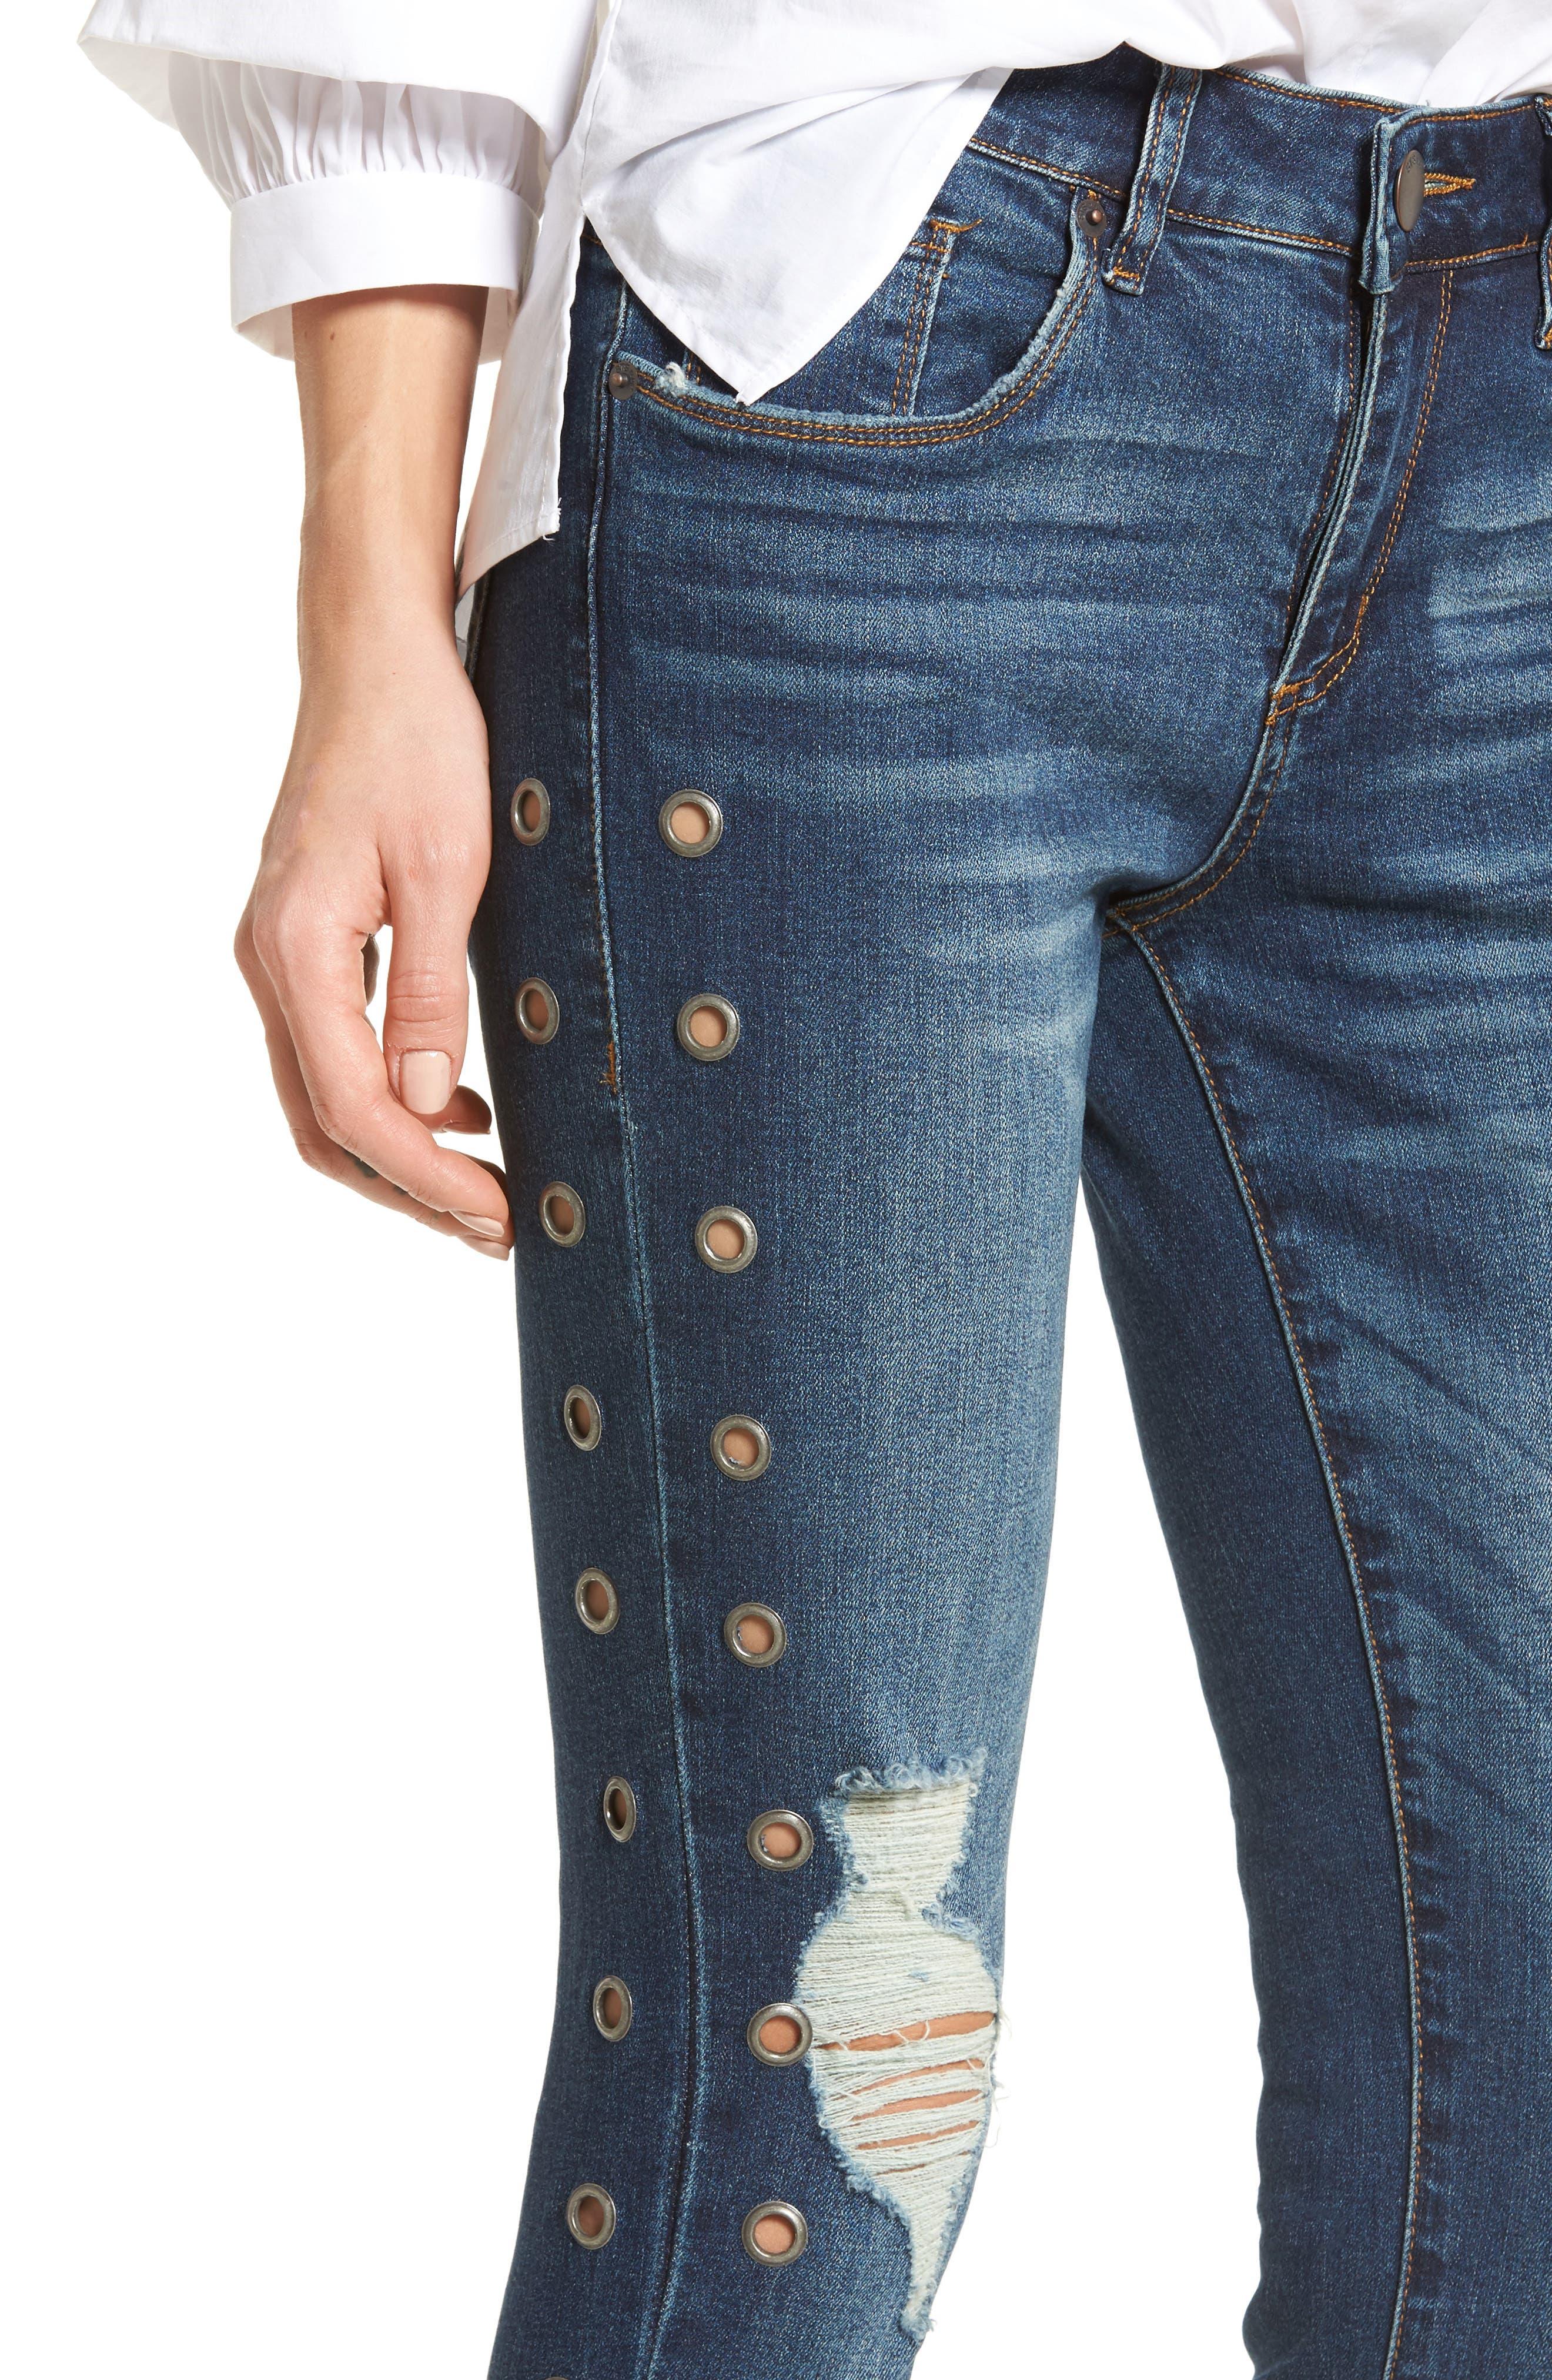 Piper Grommet Detail Skinny Jeans,                             Alternate thumbnail 4, color,